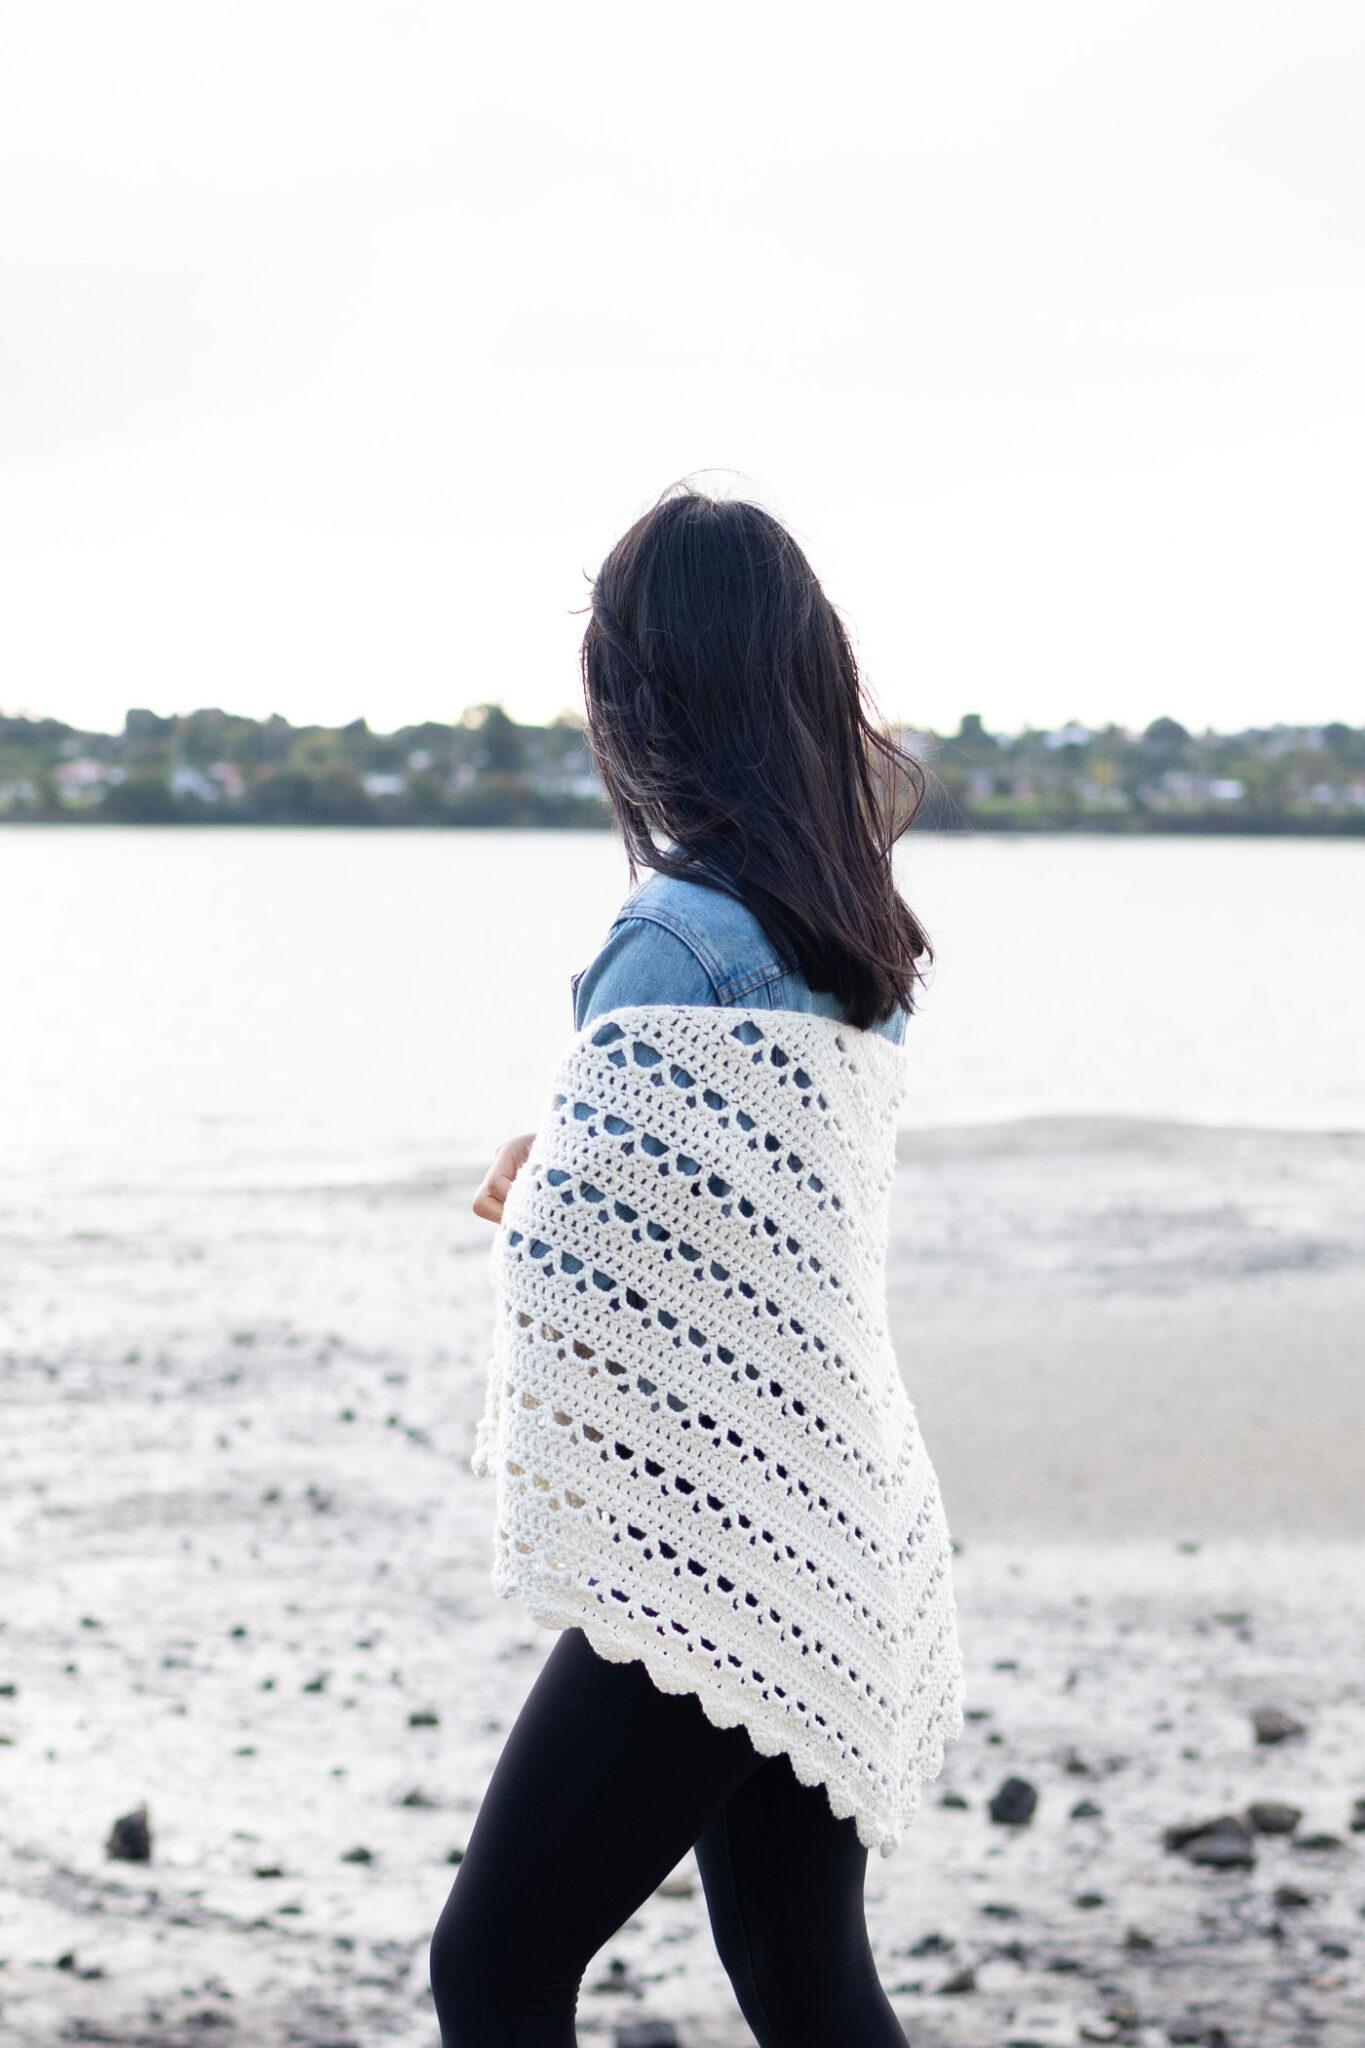 beginner crochet wrap lace details easy pattern free tutorial